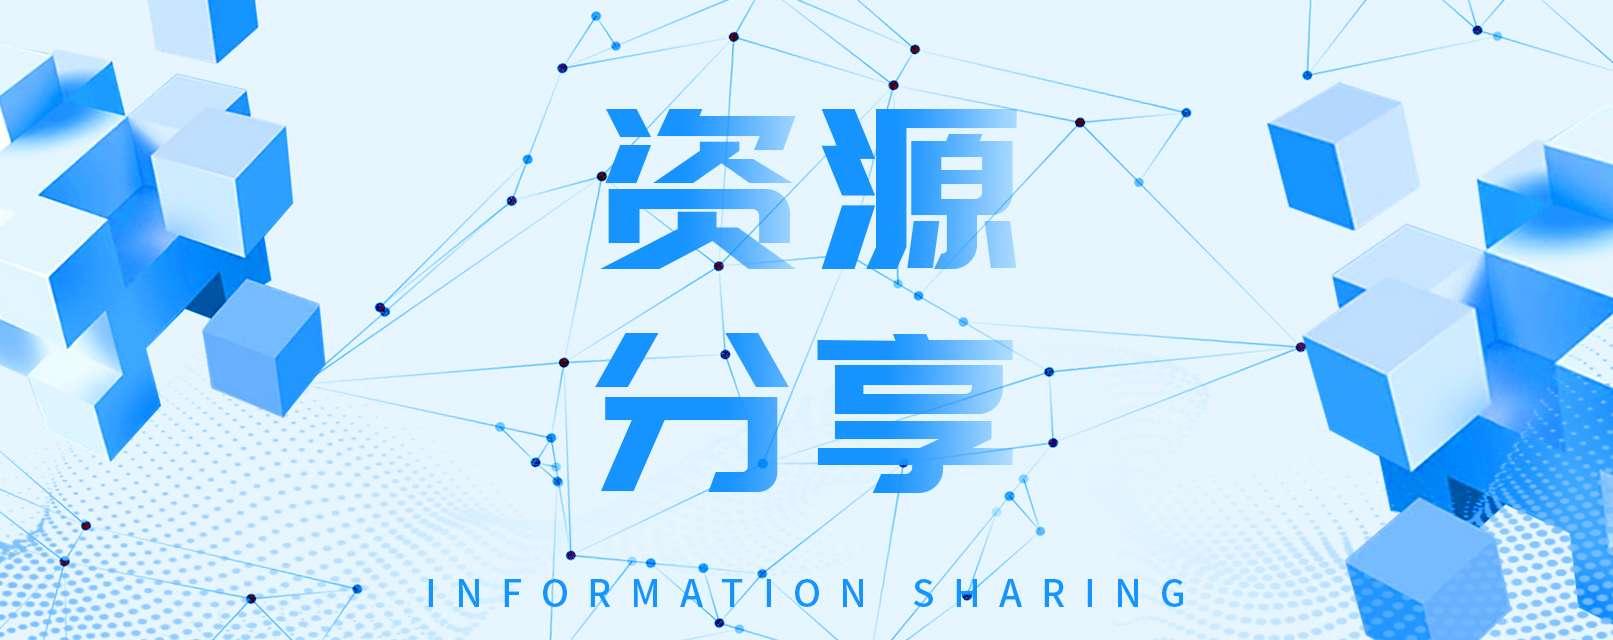 【资源分享】WIFI密码(十分强大)